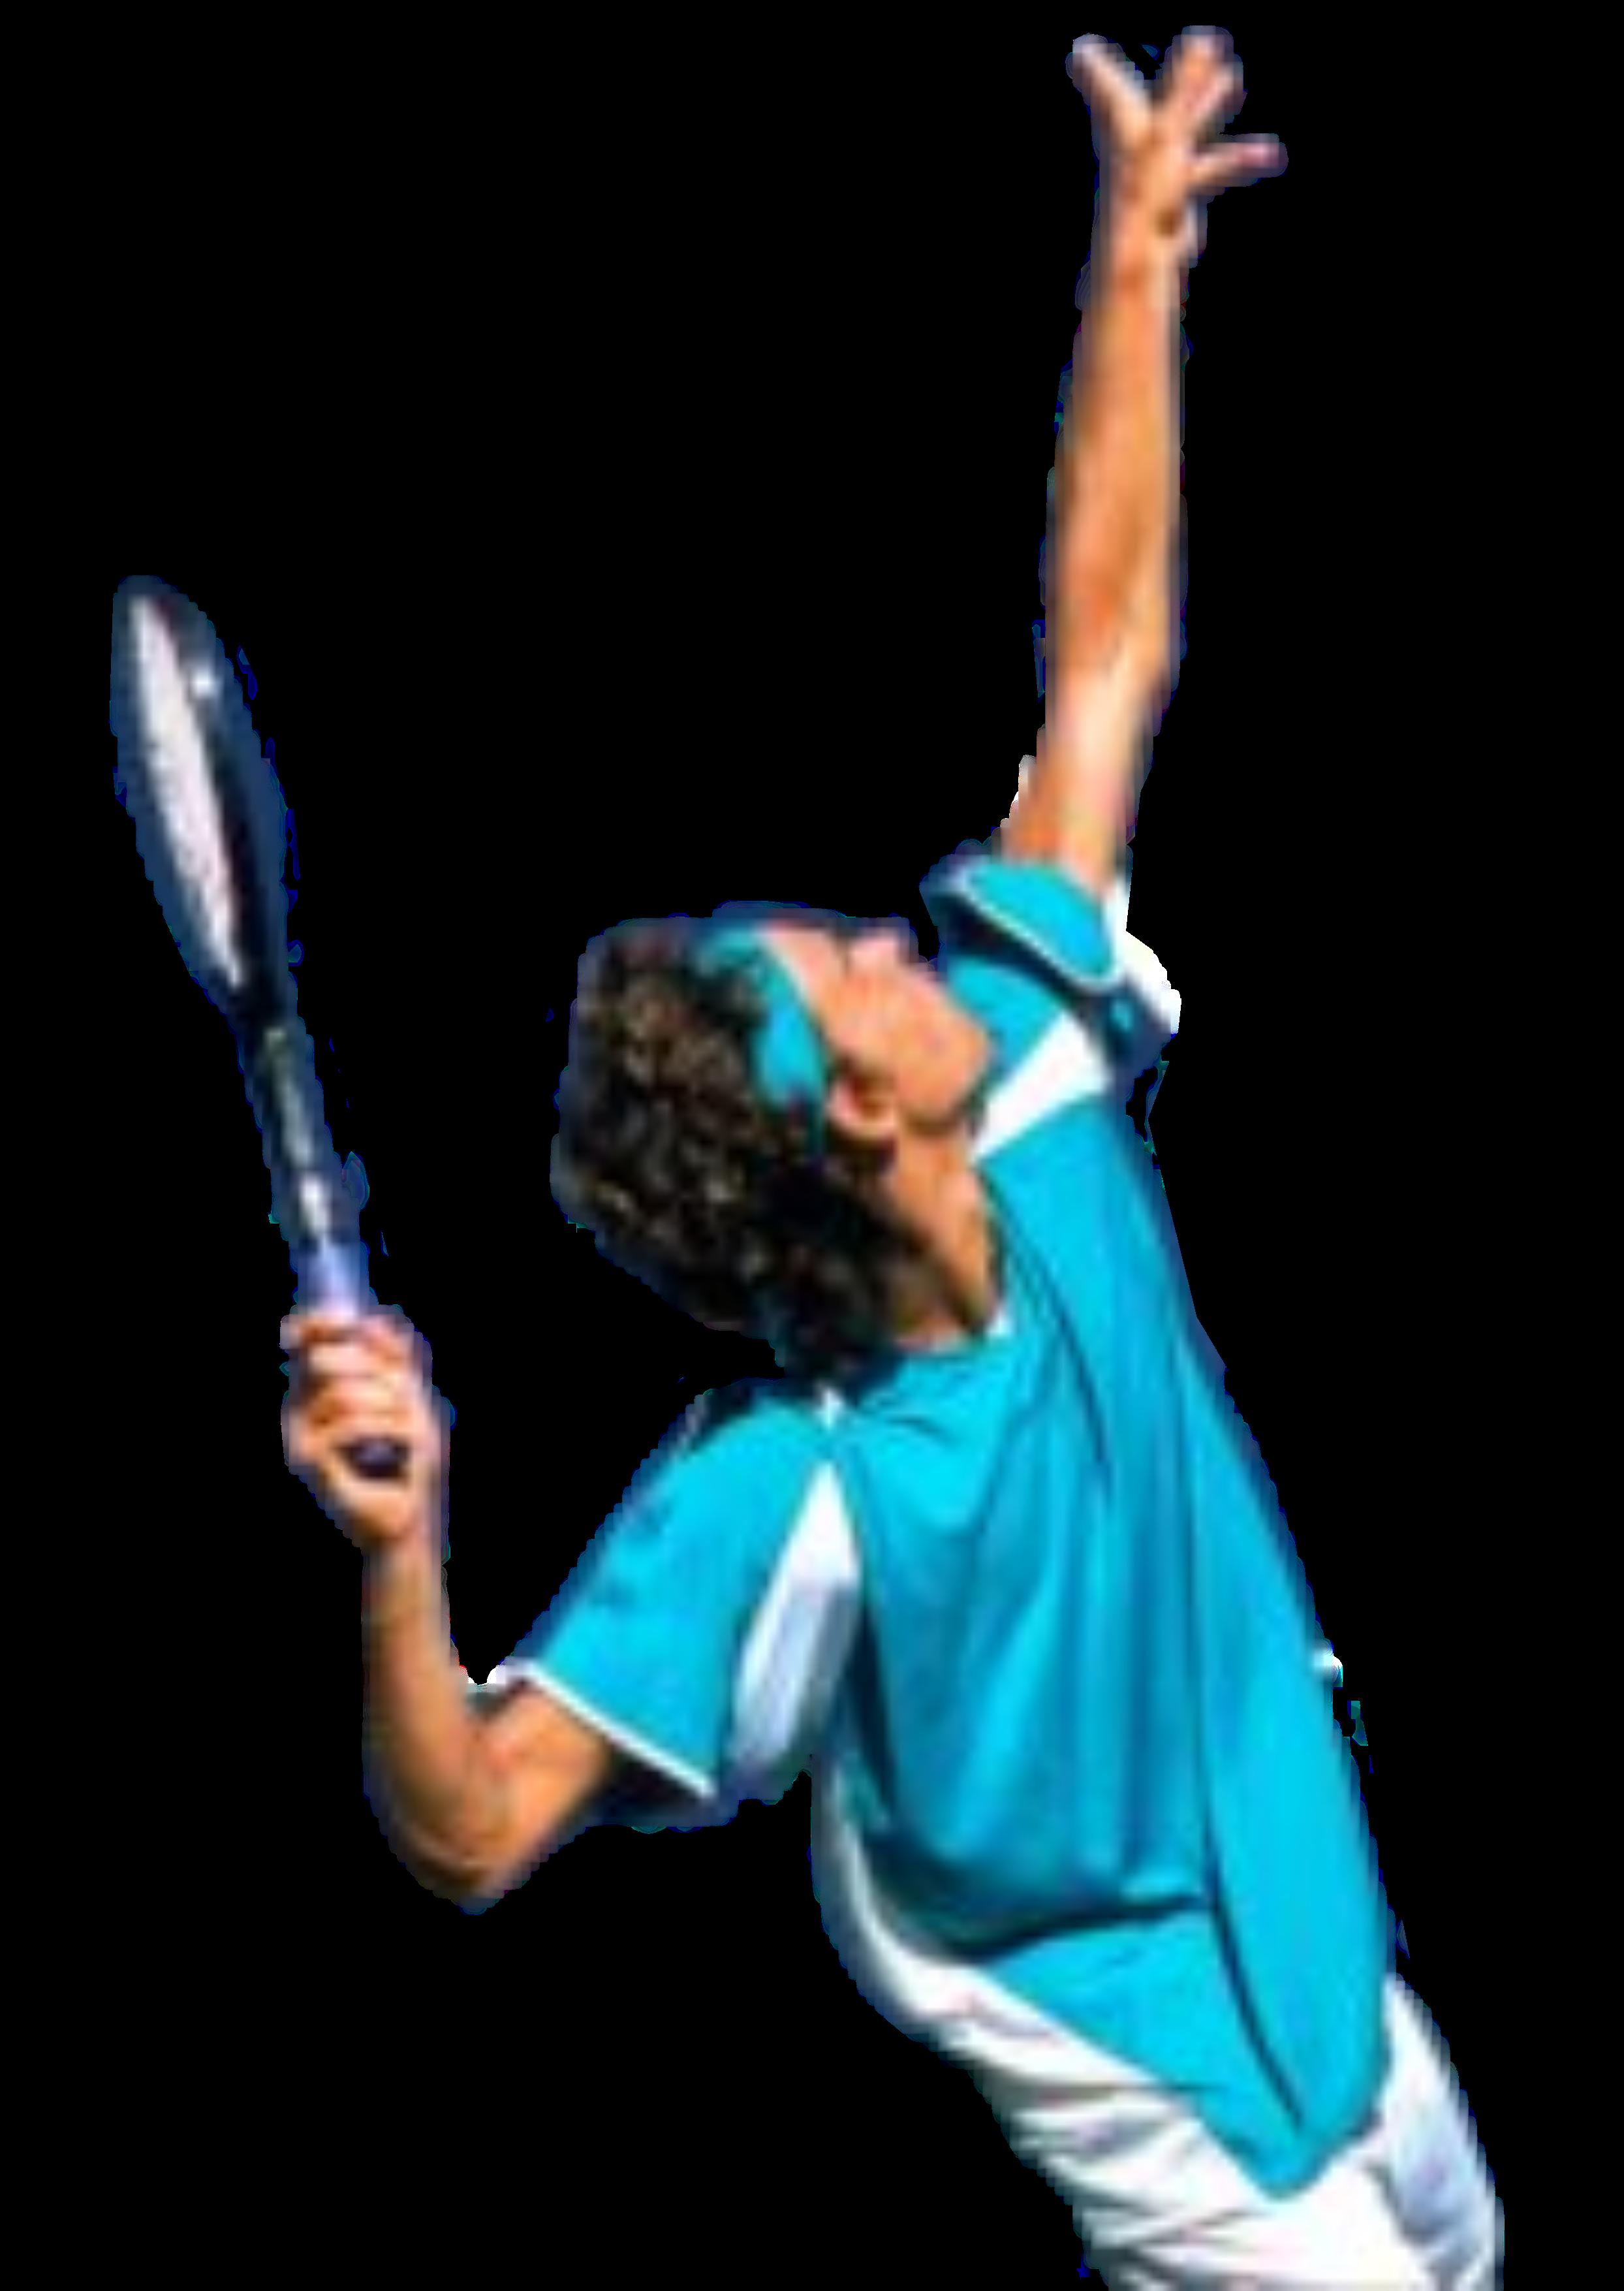 Content_tennis